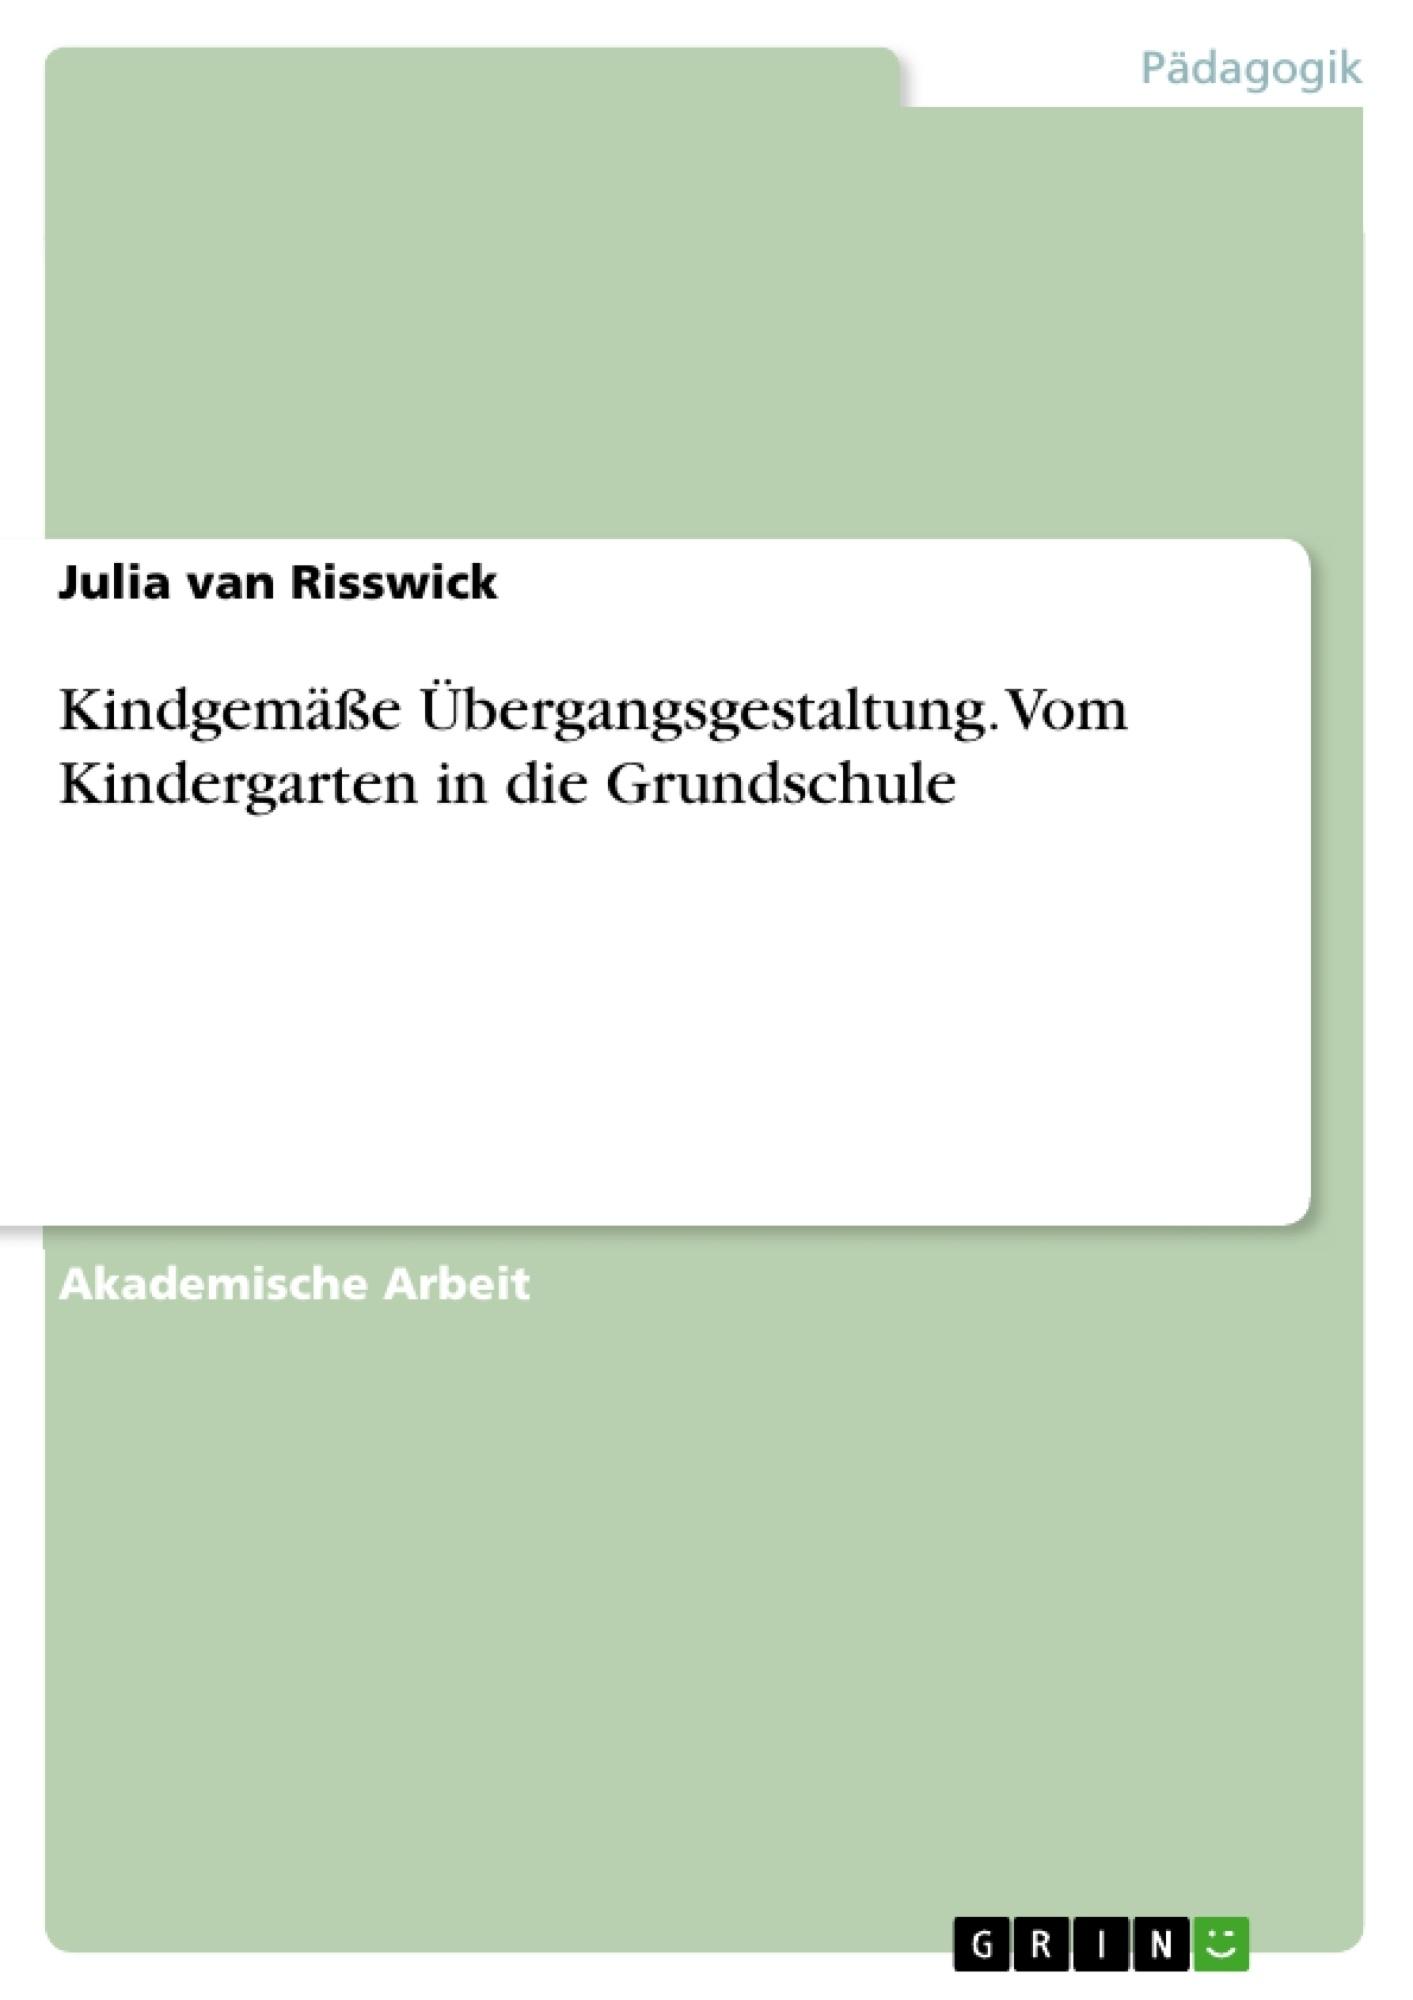 Titel: Kindgemäße Übergangsgestaltung. Vom Kindergarten in die Grundschule